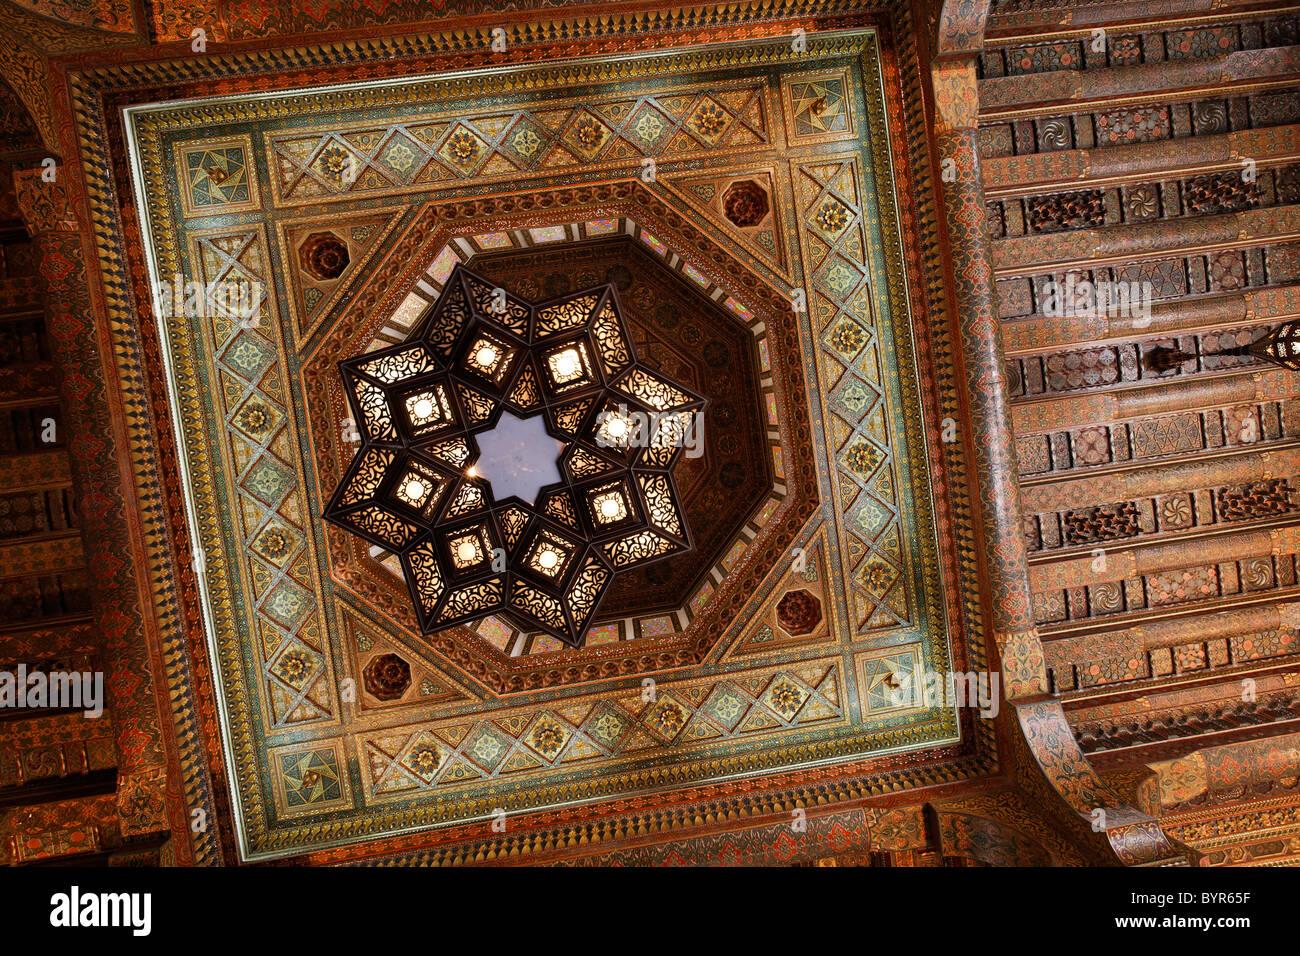 Soffitti ornati e lampadario all'interno di the gatehouse della cittadella di Aleppo, Siria Immagini Stock